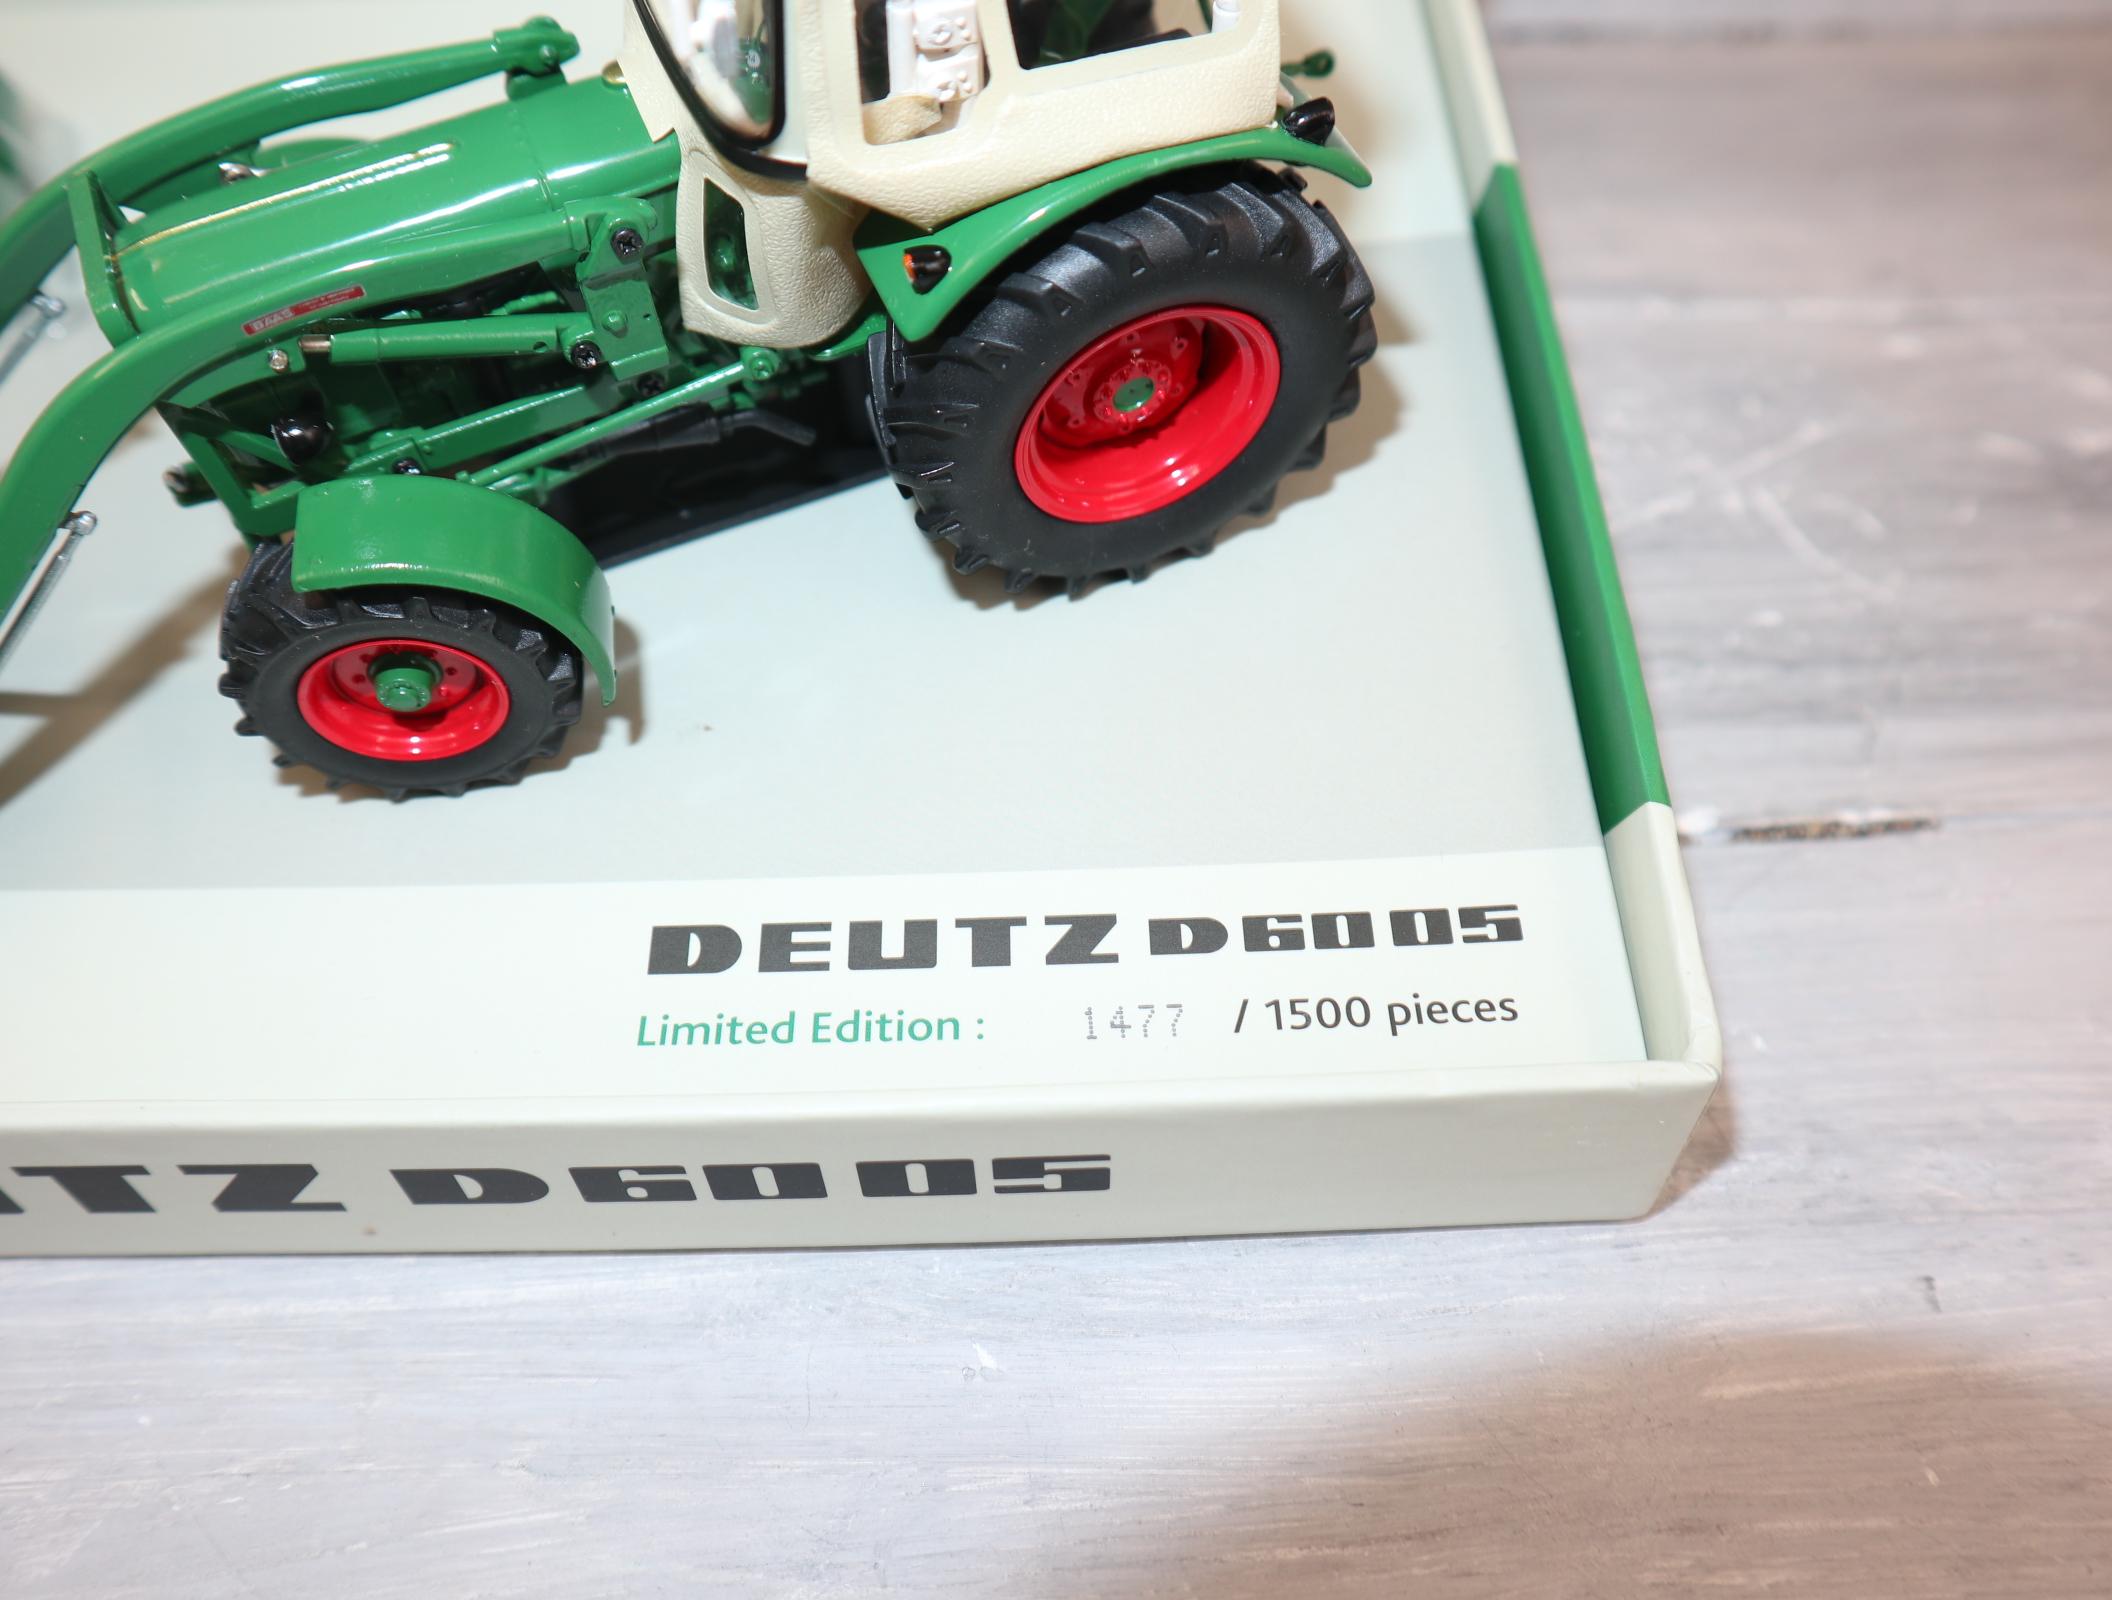 Universal Hobbies 6200 in 1:32 Deutz D60 05 mit Fritzemeier-Verdeck Sonderedition 1500 Stück